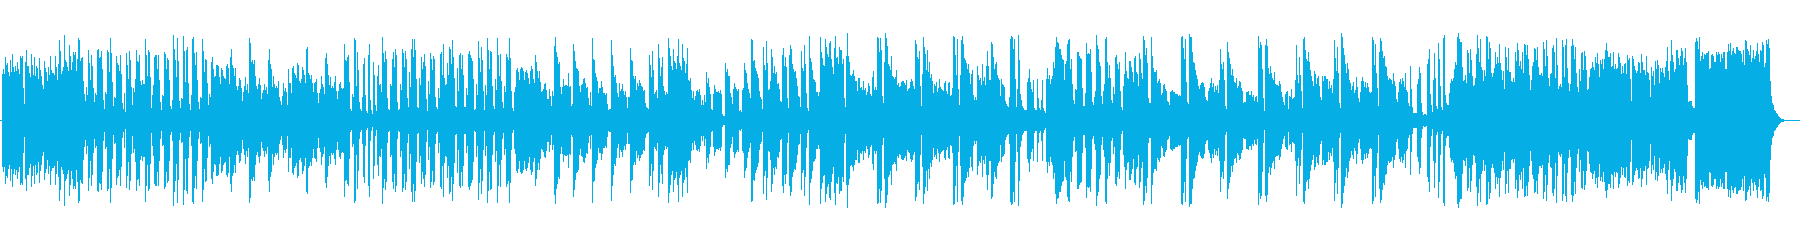 工場で毎日働く人夫たちを思わせる楽曲。の再生済みの波形